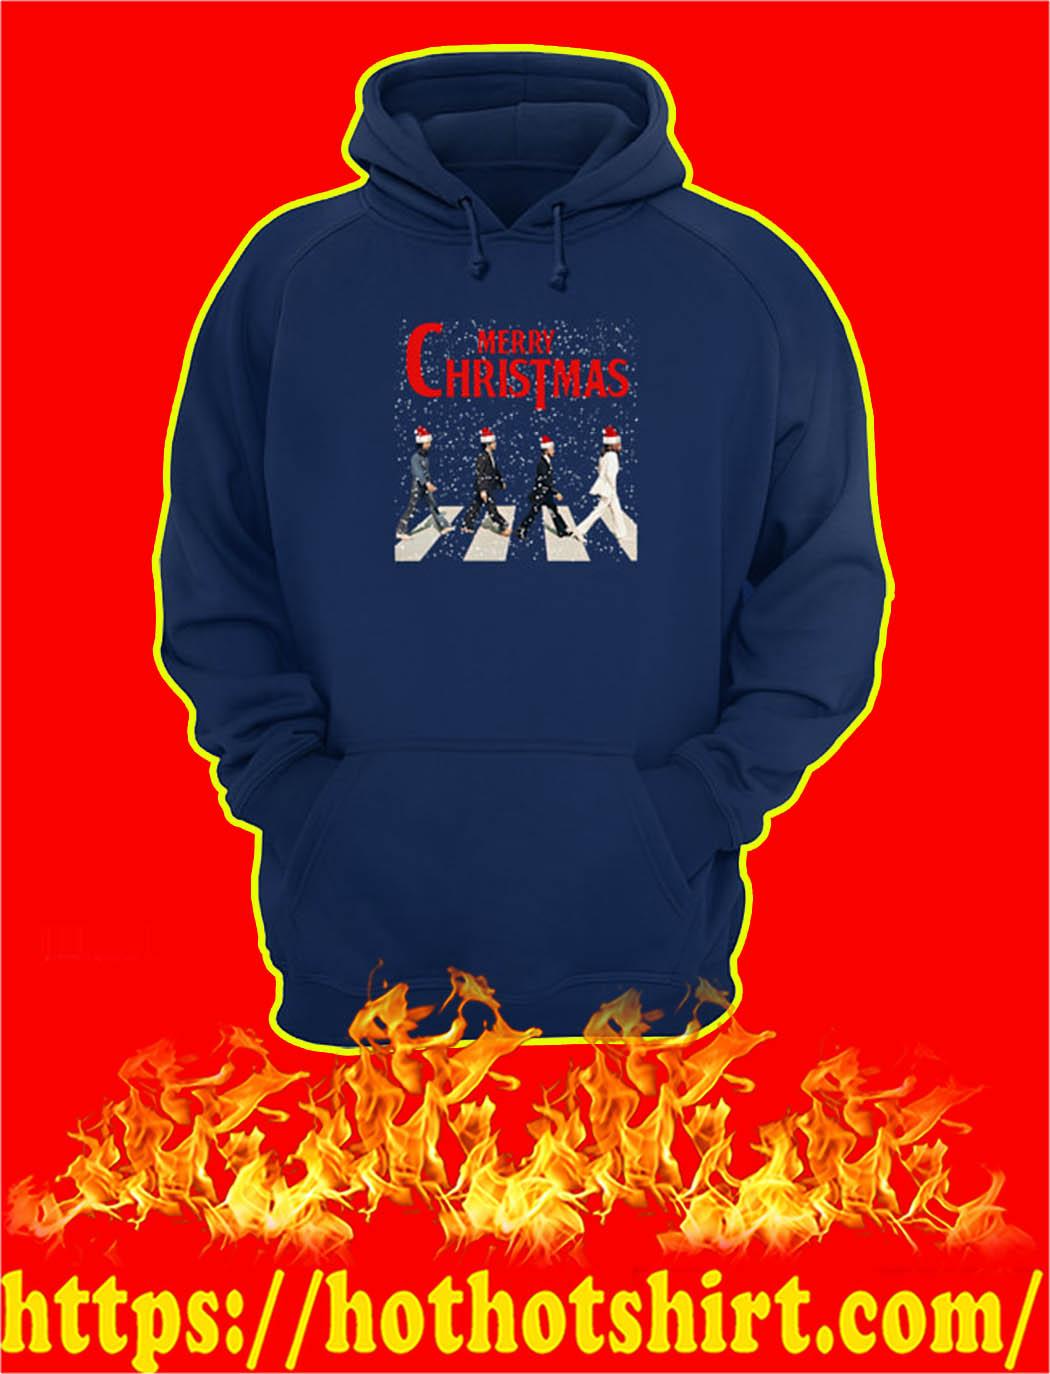 The Beatles Abbey Road Merry Chrismtas hoodie